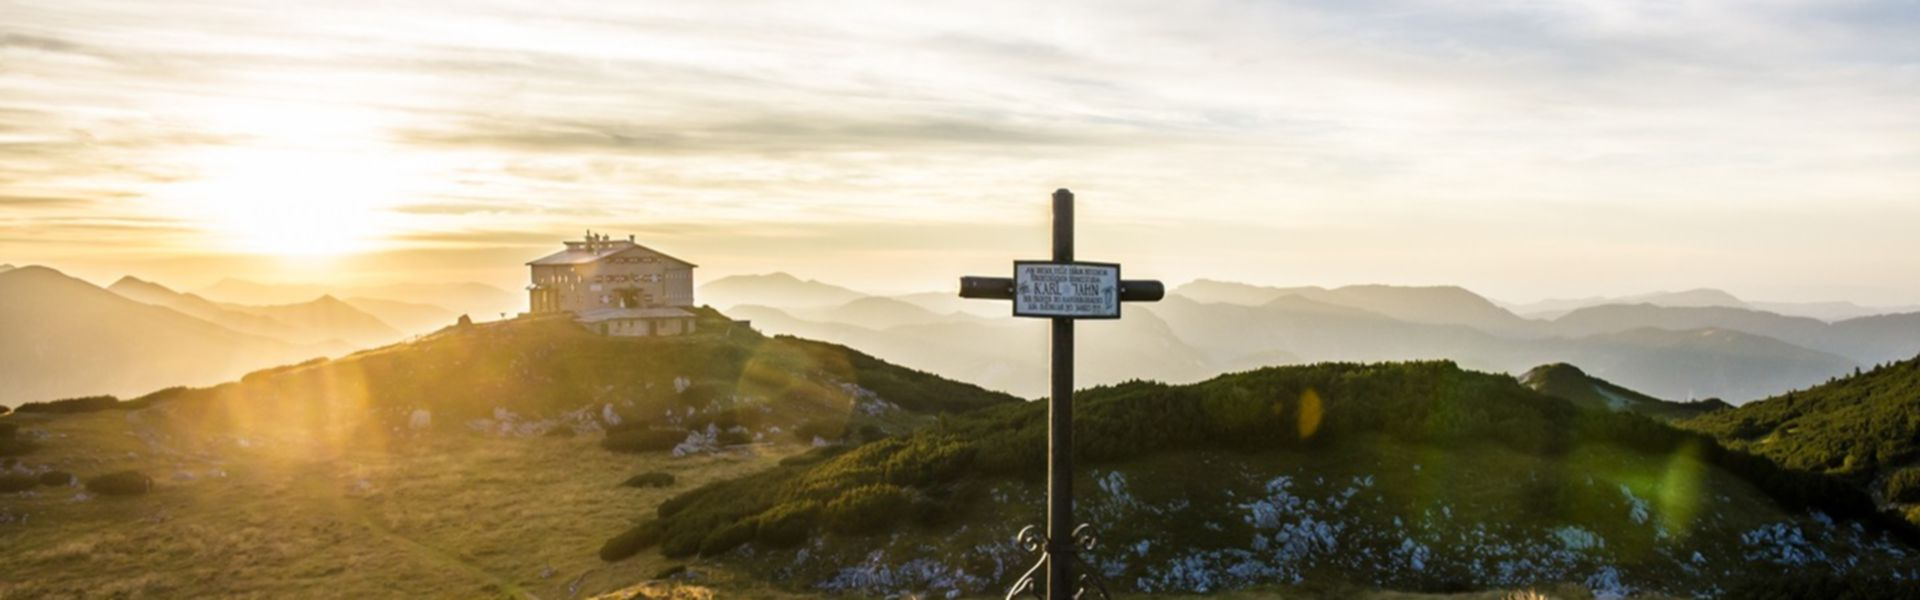 Utaznál már külföldre? Ausztria és Horvátország felkészül a fogadásodra!